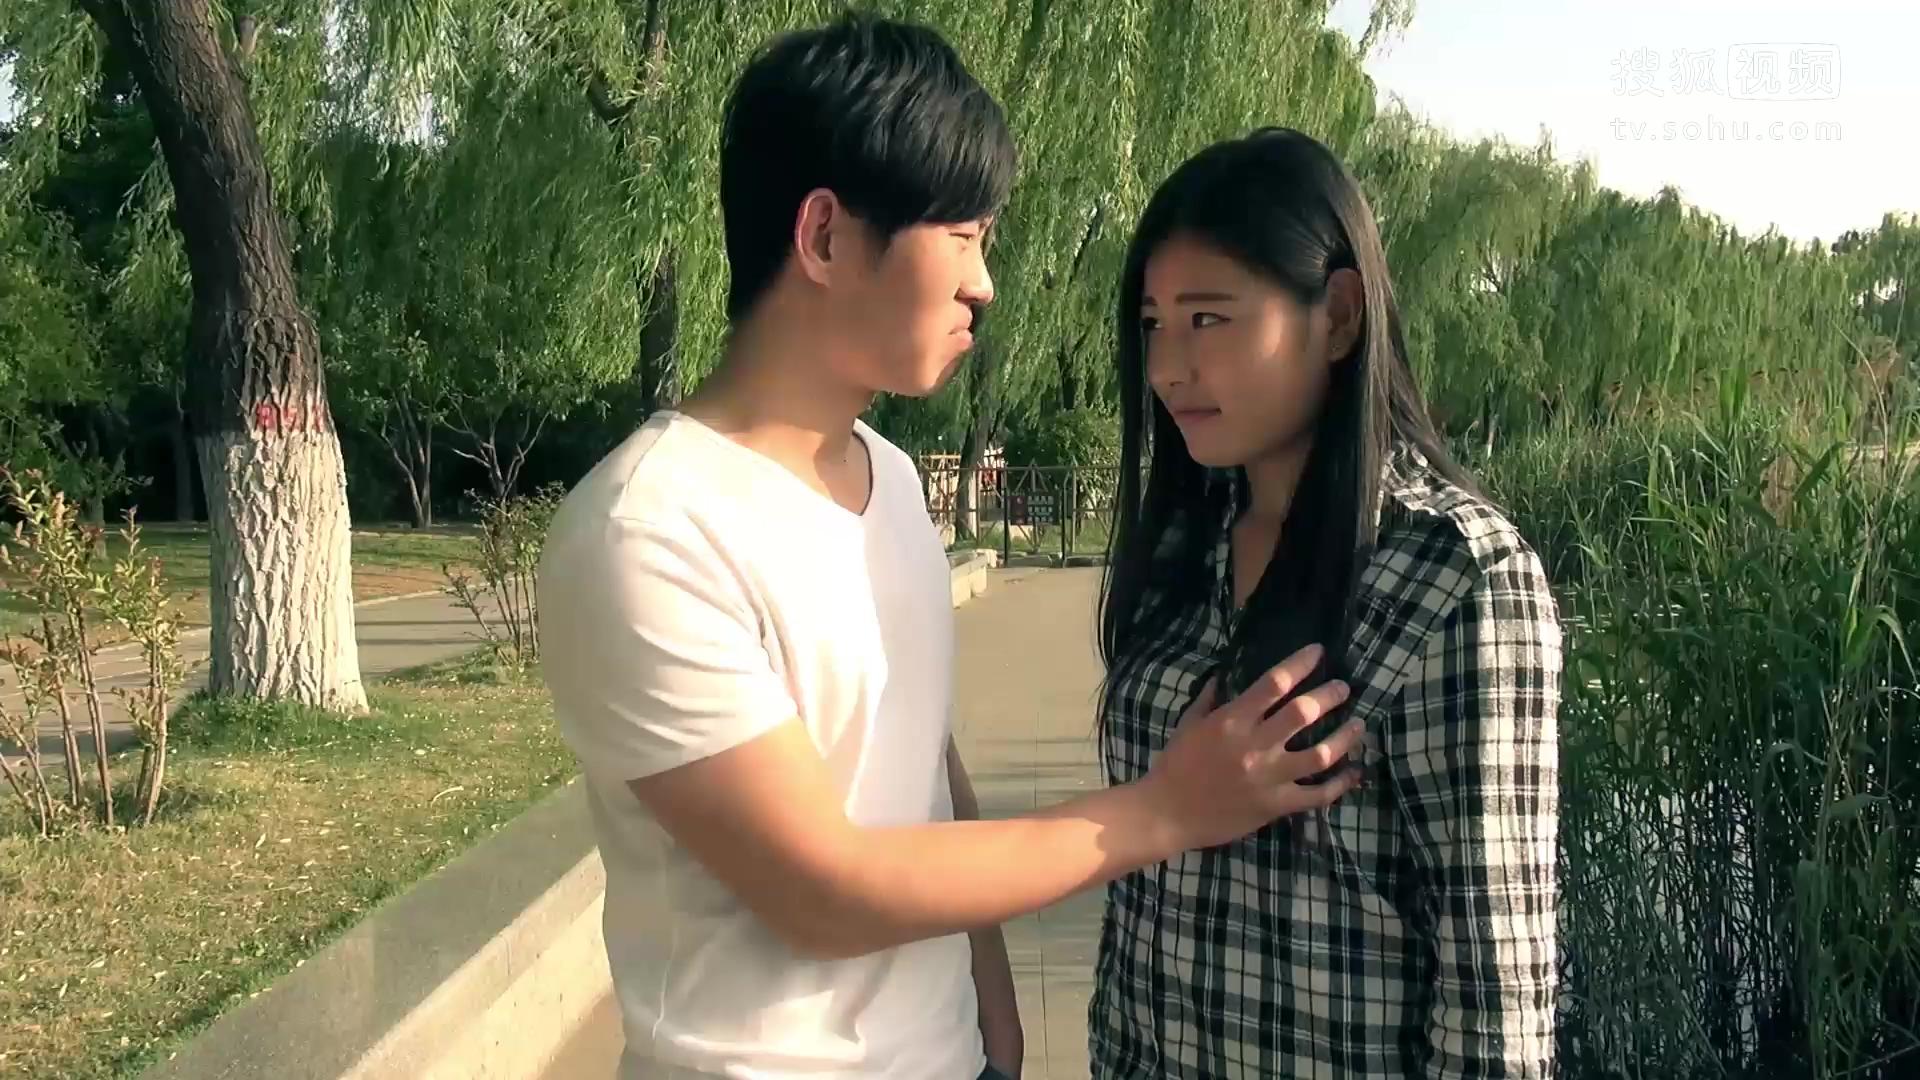 2015年10大科幻电影美女公园被摸胸,和尚算卦被抢还被踹飞~~~-电视剧视频-搜狐视频102各大學錄取分數